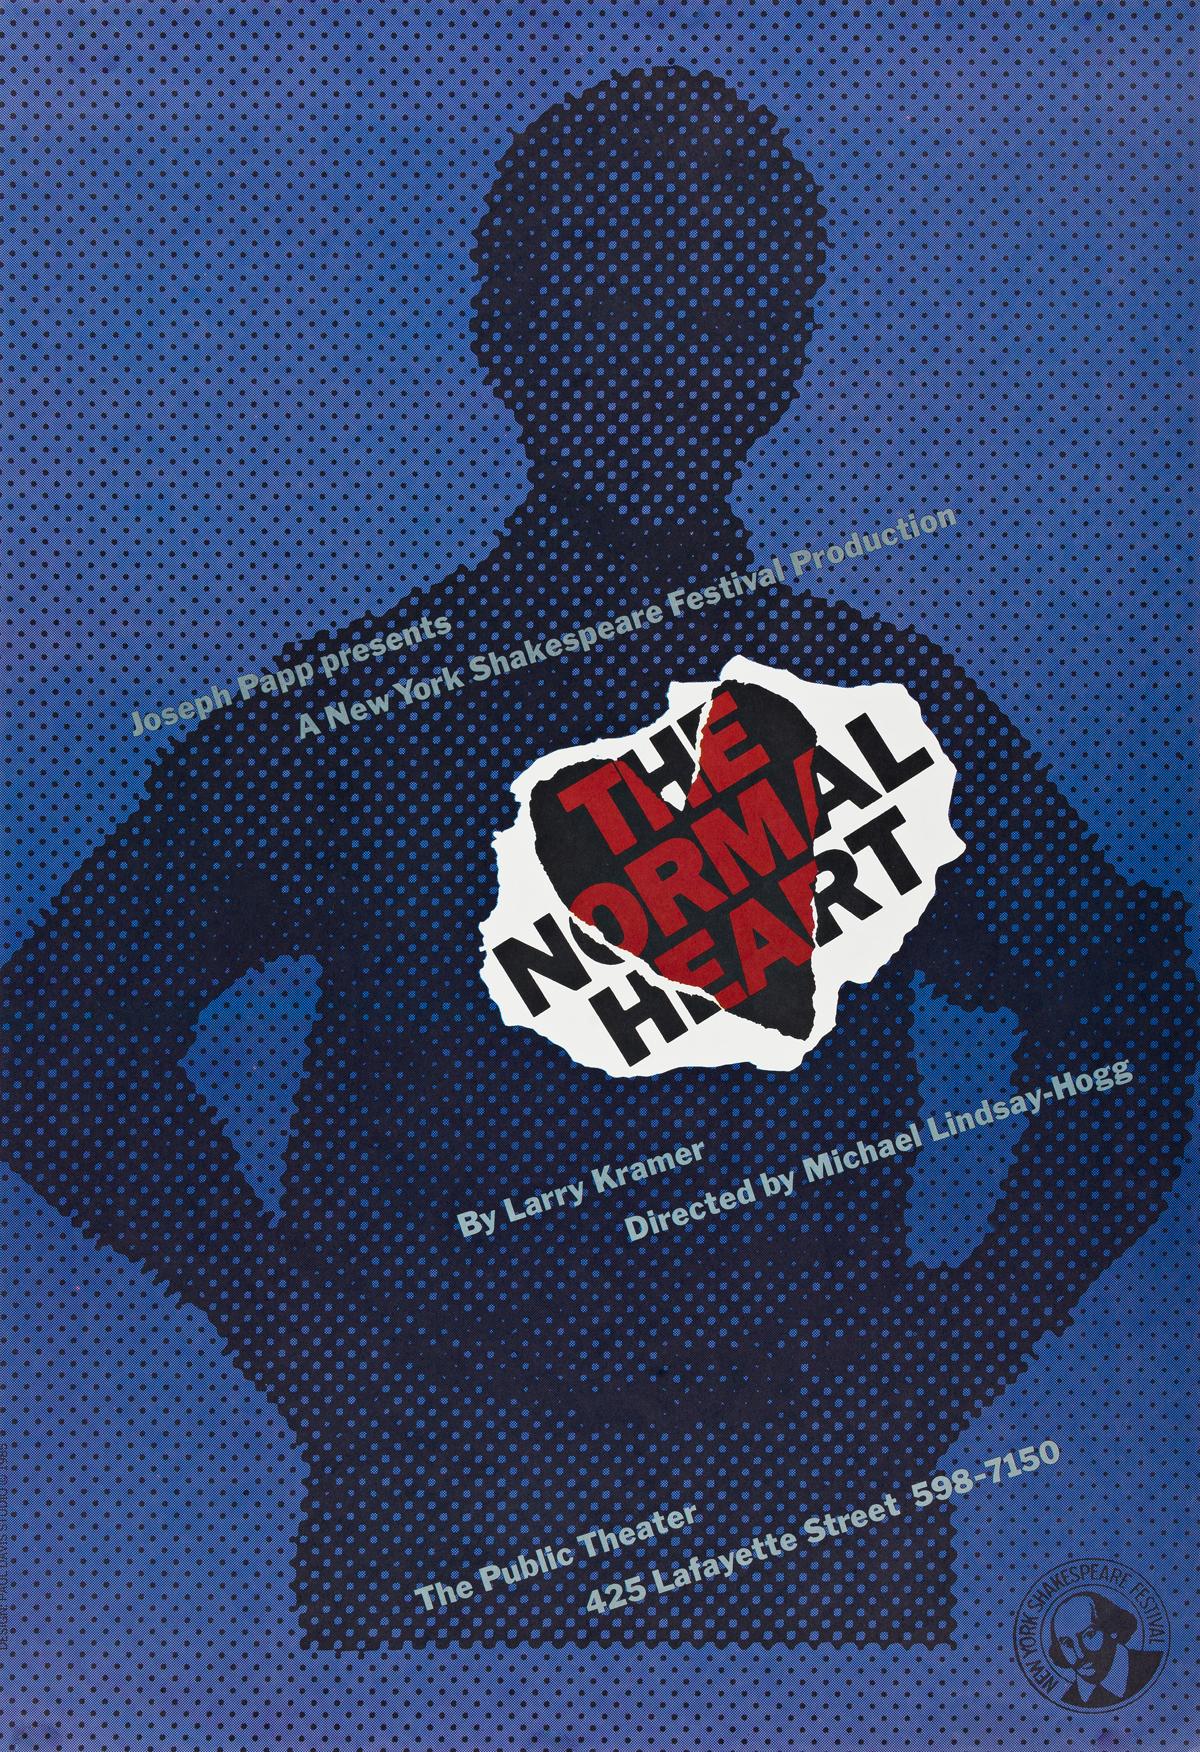 PAUL-DAVIS-STUDIO-The-Normal-Heart